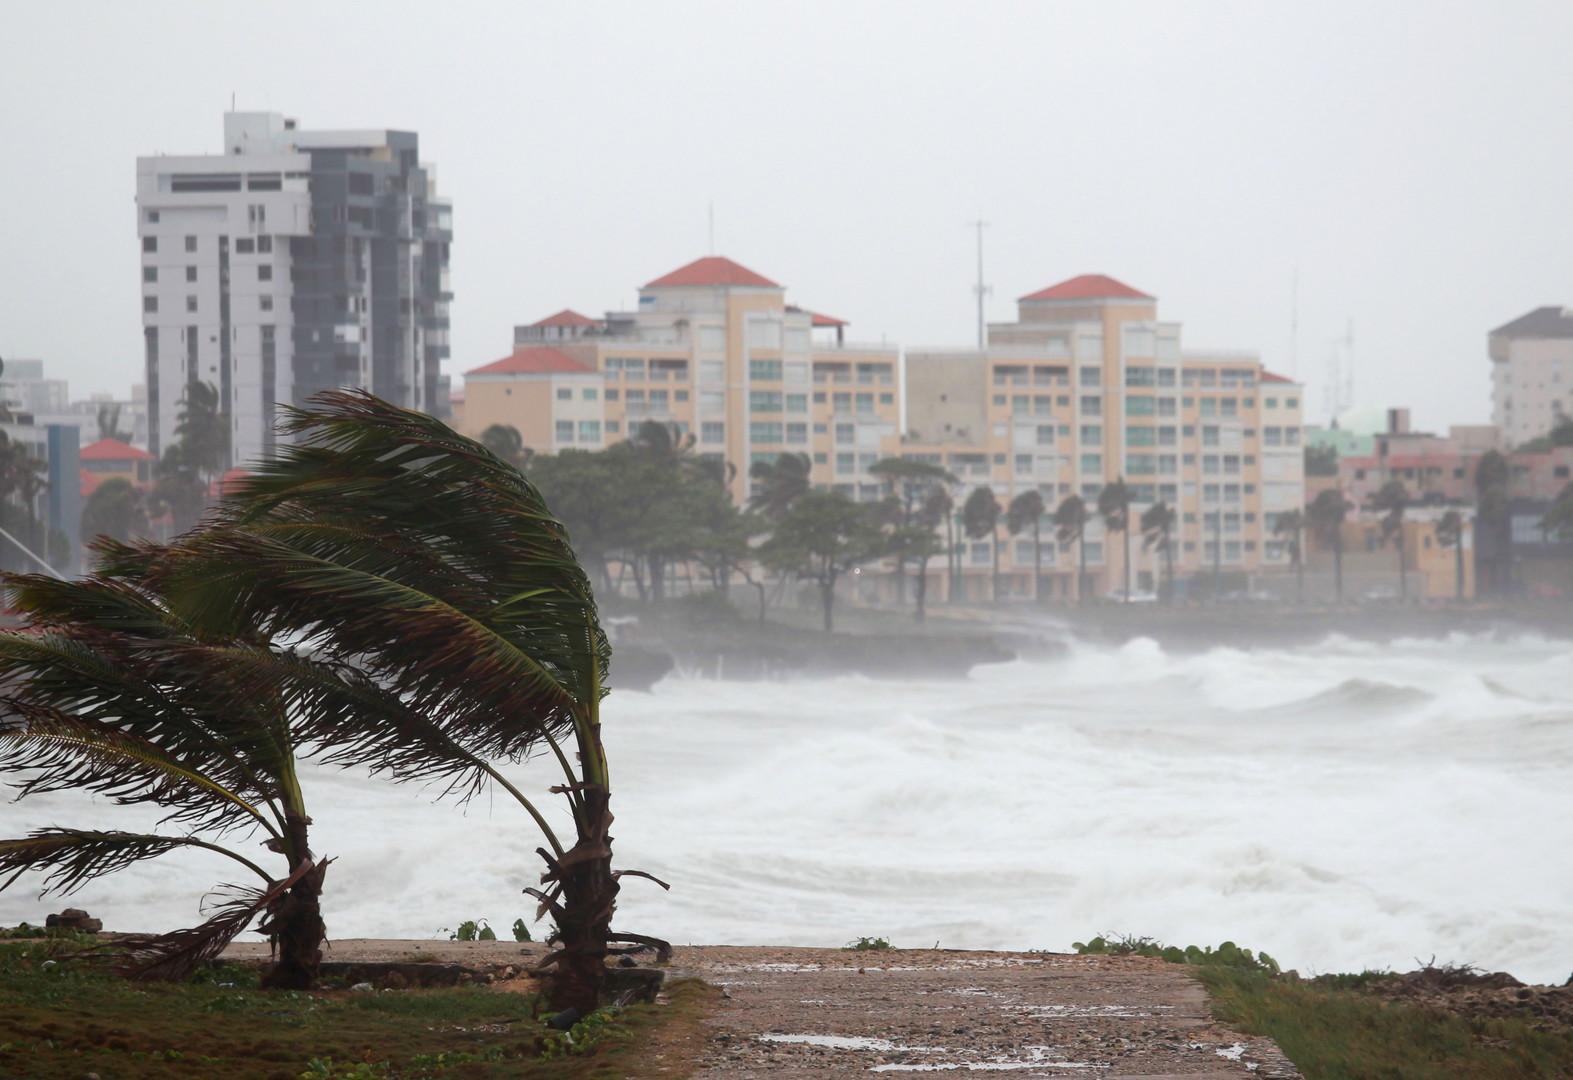 Les palmiers sur les côtes de Saint-Domingue